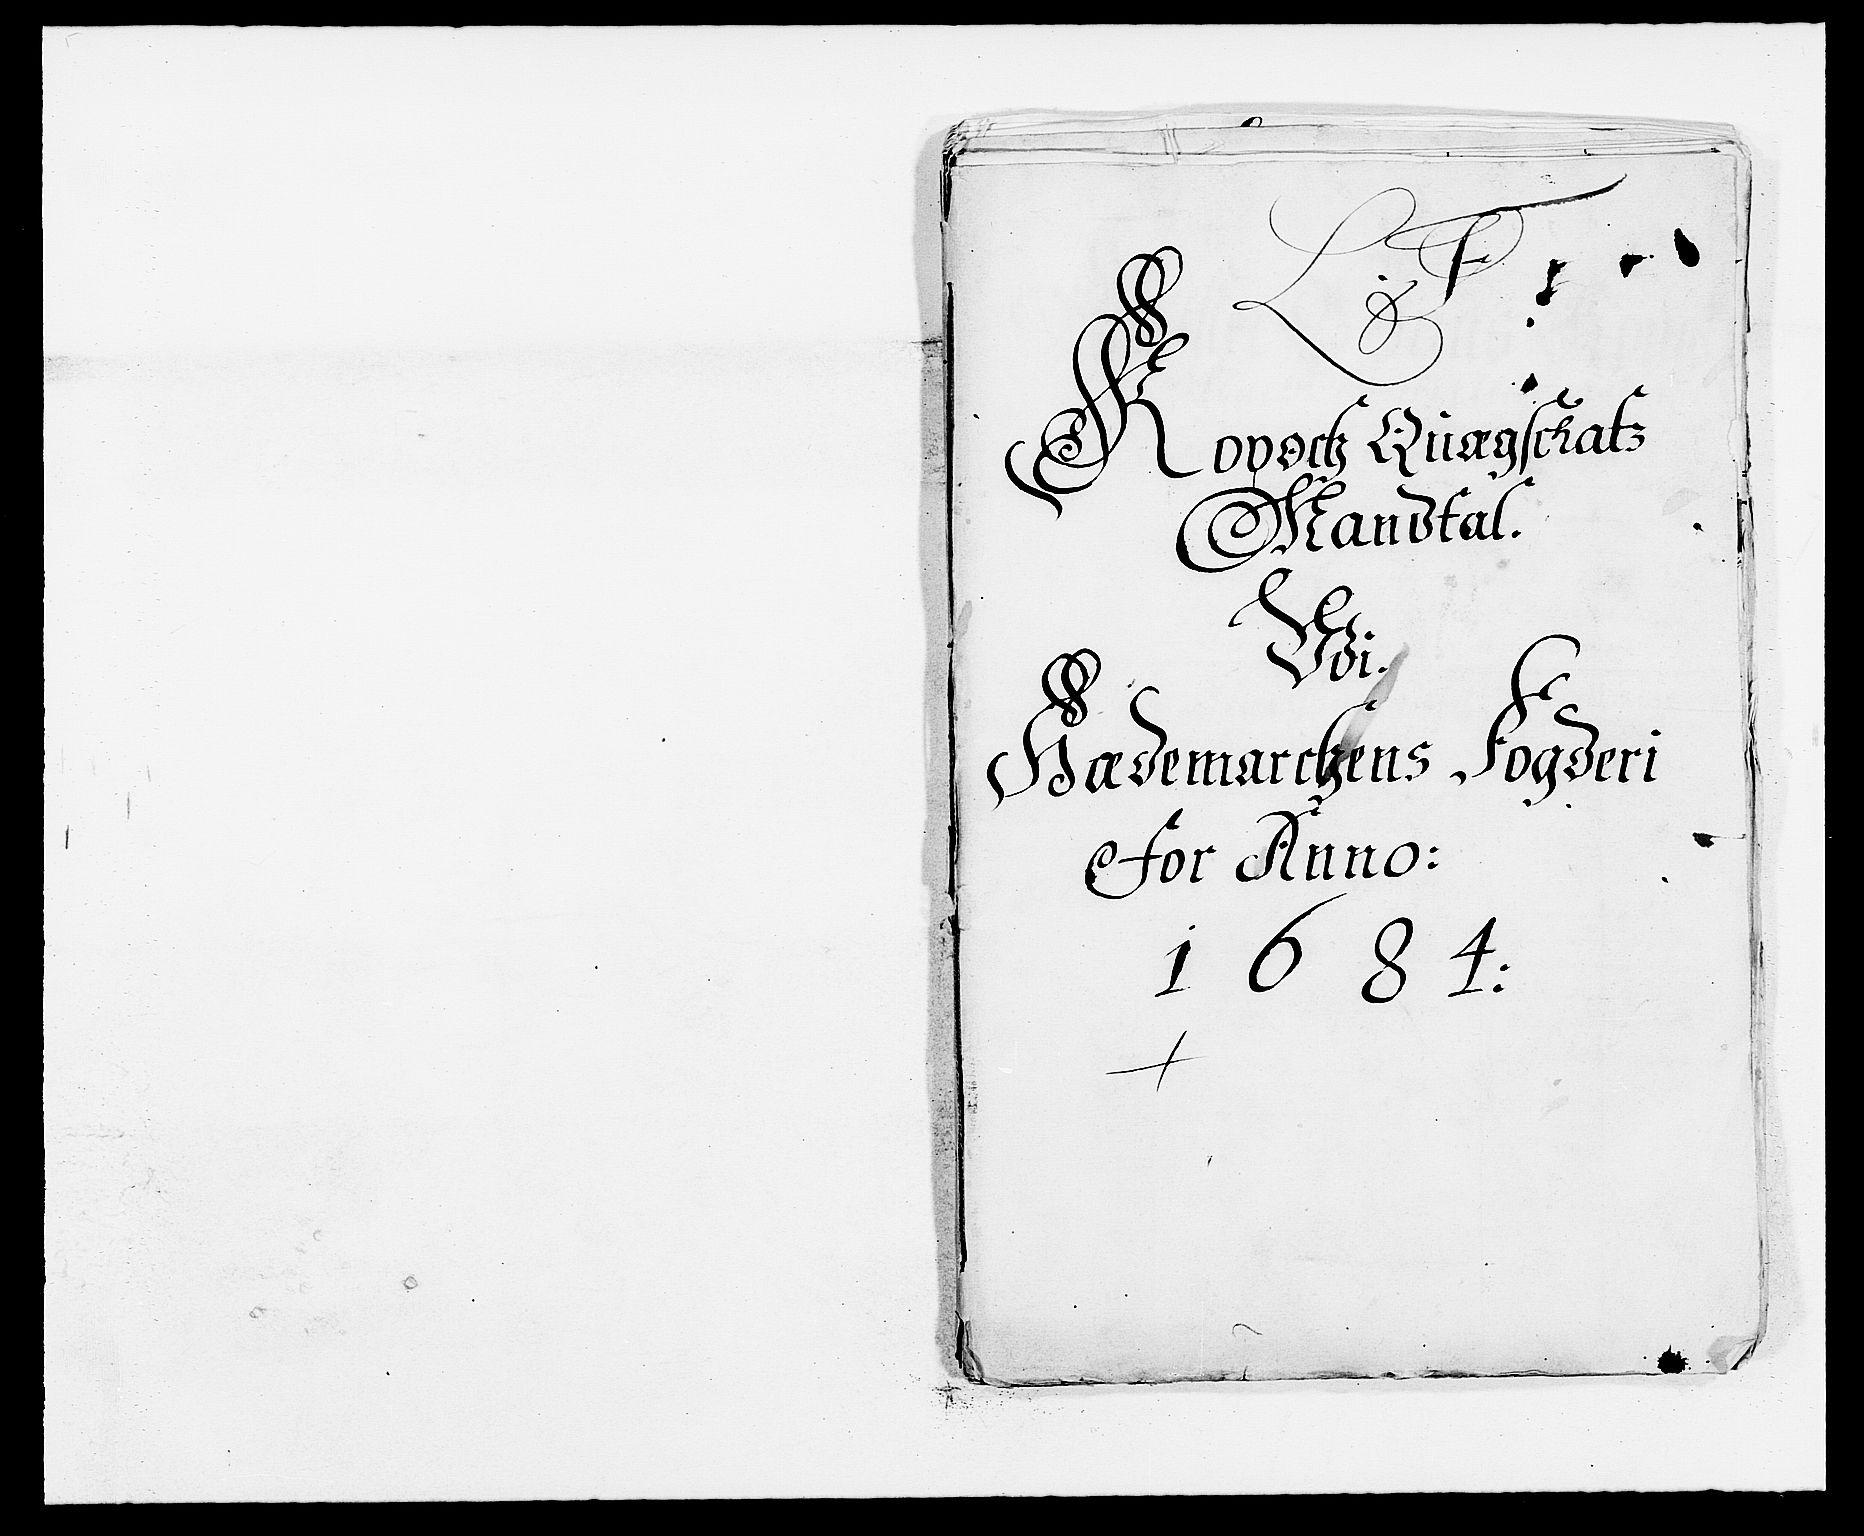 RA, Rentekammeret inntil 1814, Reviderte regnskaper, Fogderegnskap, R16/L1025: Fogderegnskap Hedmark, 1684, s. 307